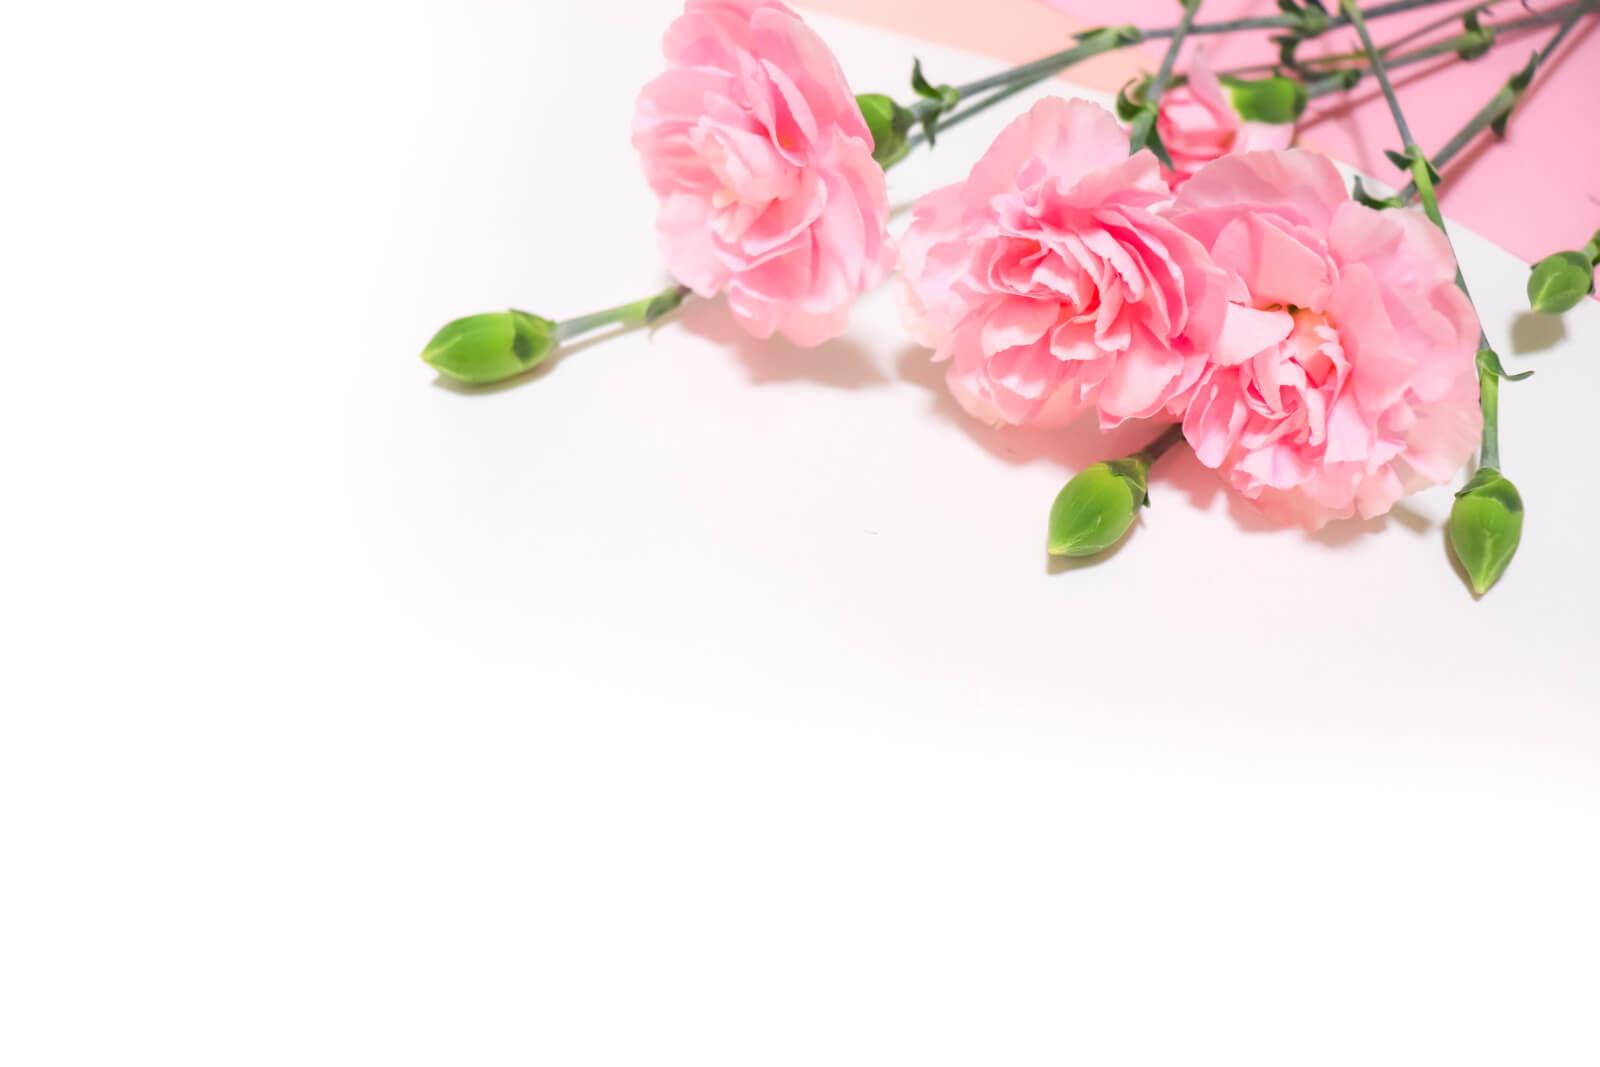 ピンク色のカーネーション(右上)